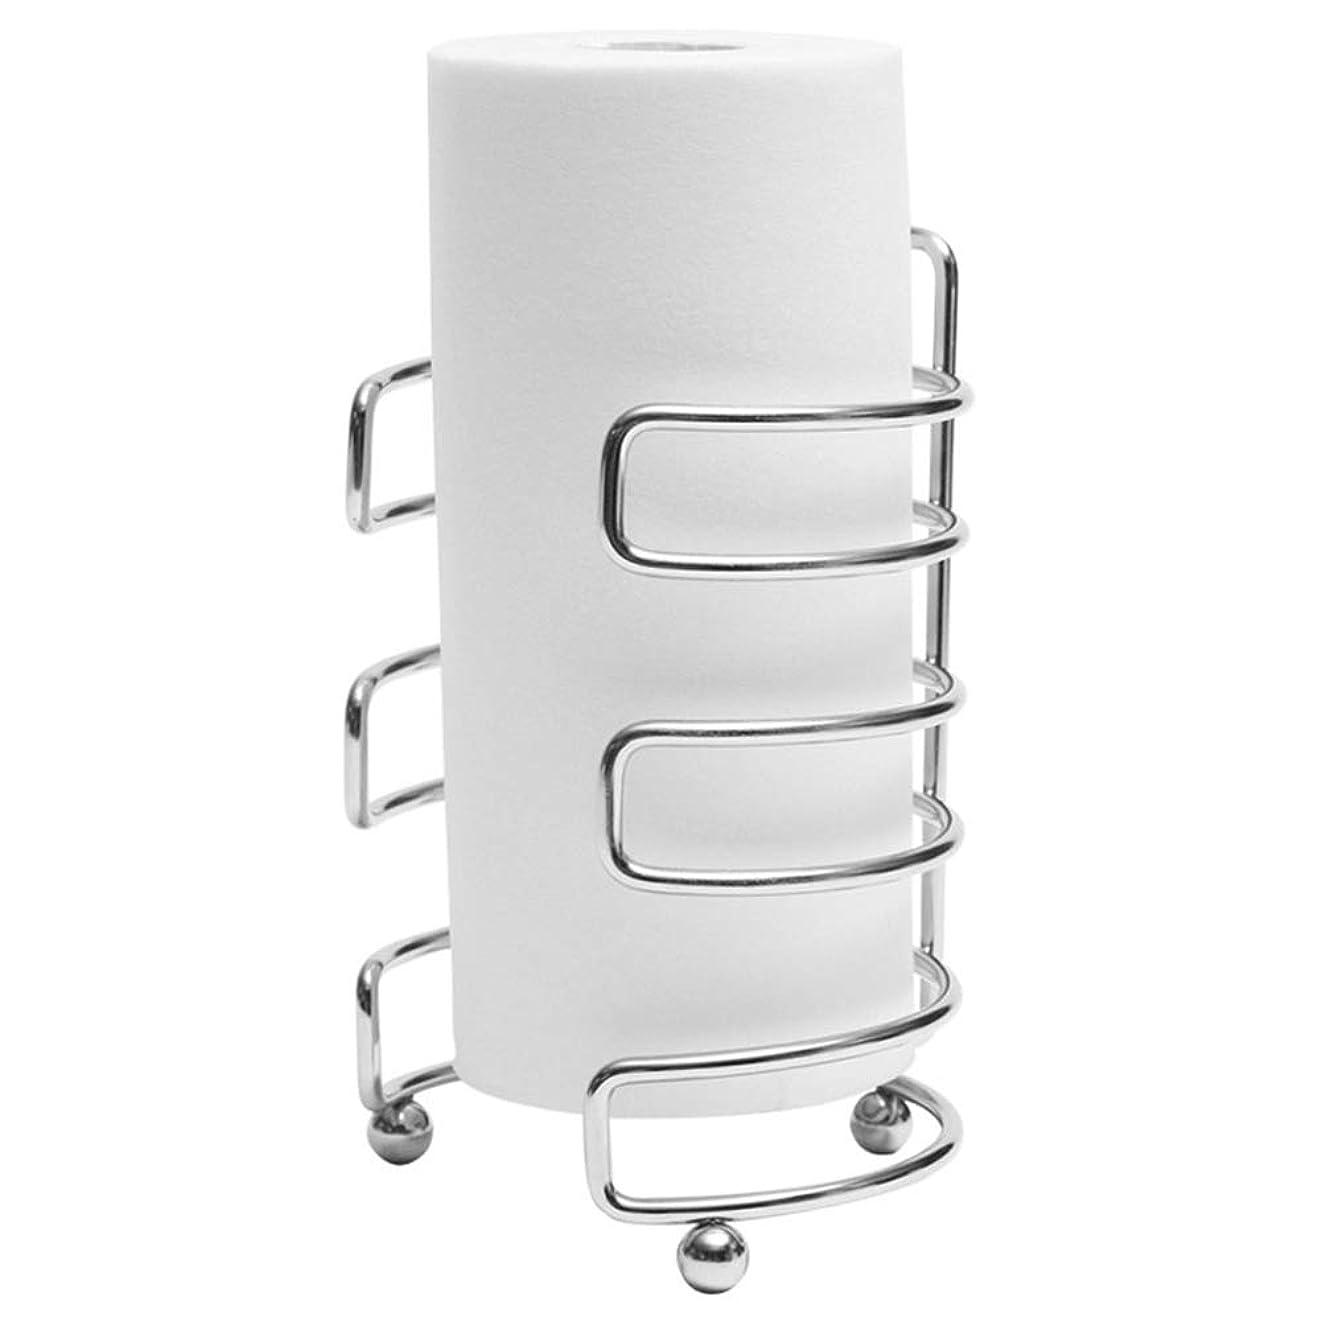 やさしいランチョンバタフライZZLX 紙タオルホルダー、クリエイティブステンレス鋼ロールホルダーキッチンペーパータオルホルダープラスチックラップホルダー ロングハンドル風呂ブラシ